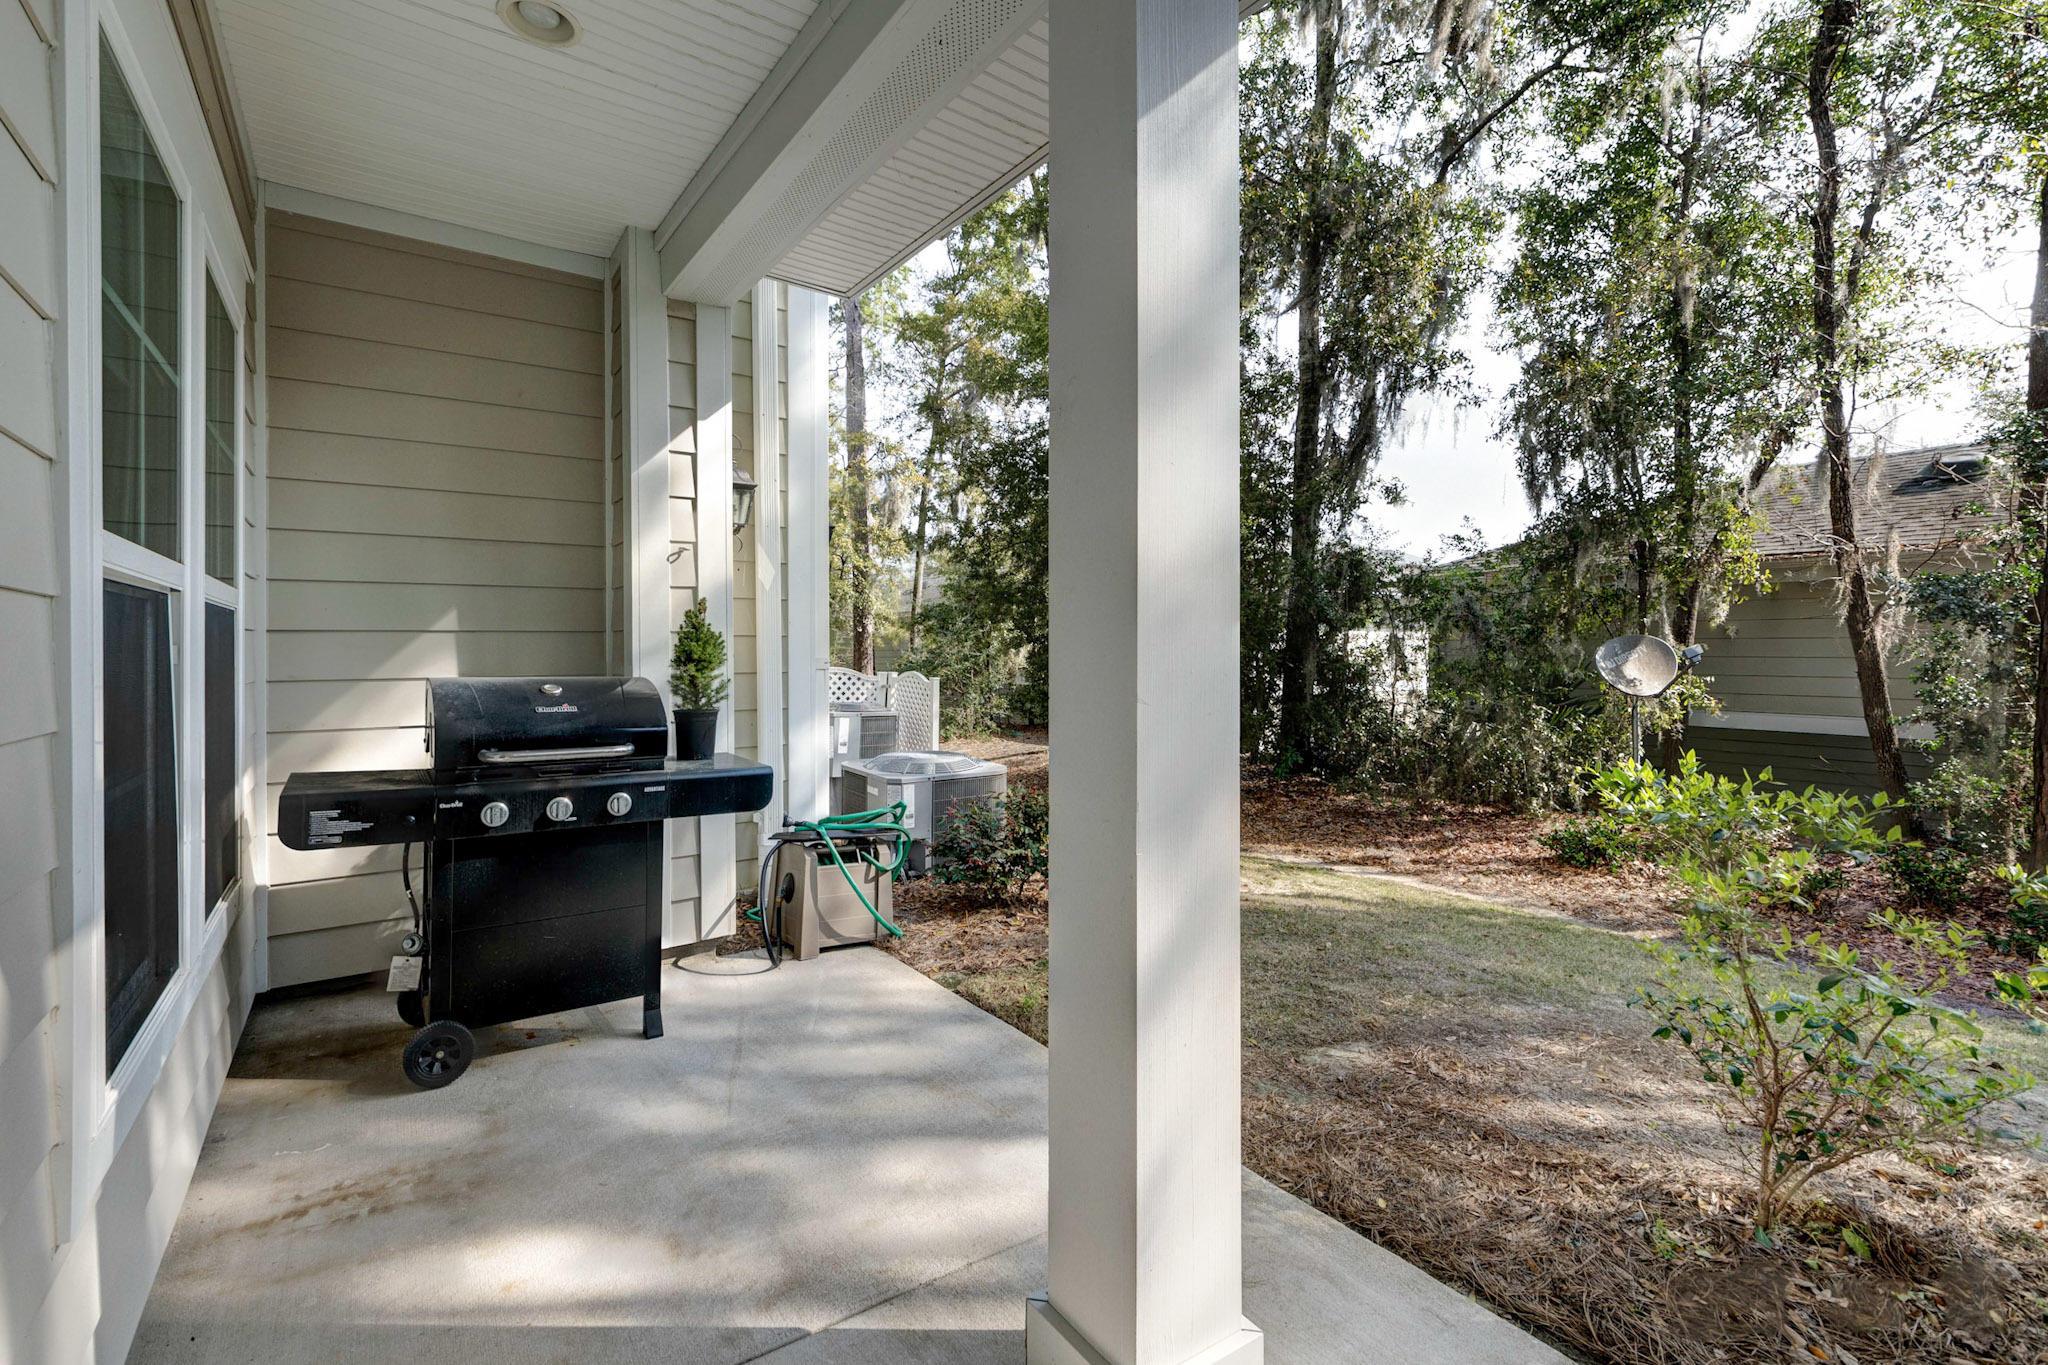 Bowman Park Homes For Sale - 1017 Bowman Woods, Mount Pleasant, SC - 12